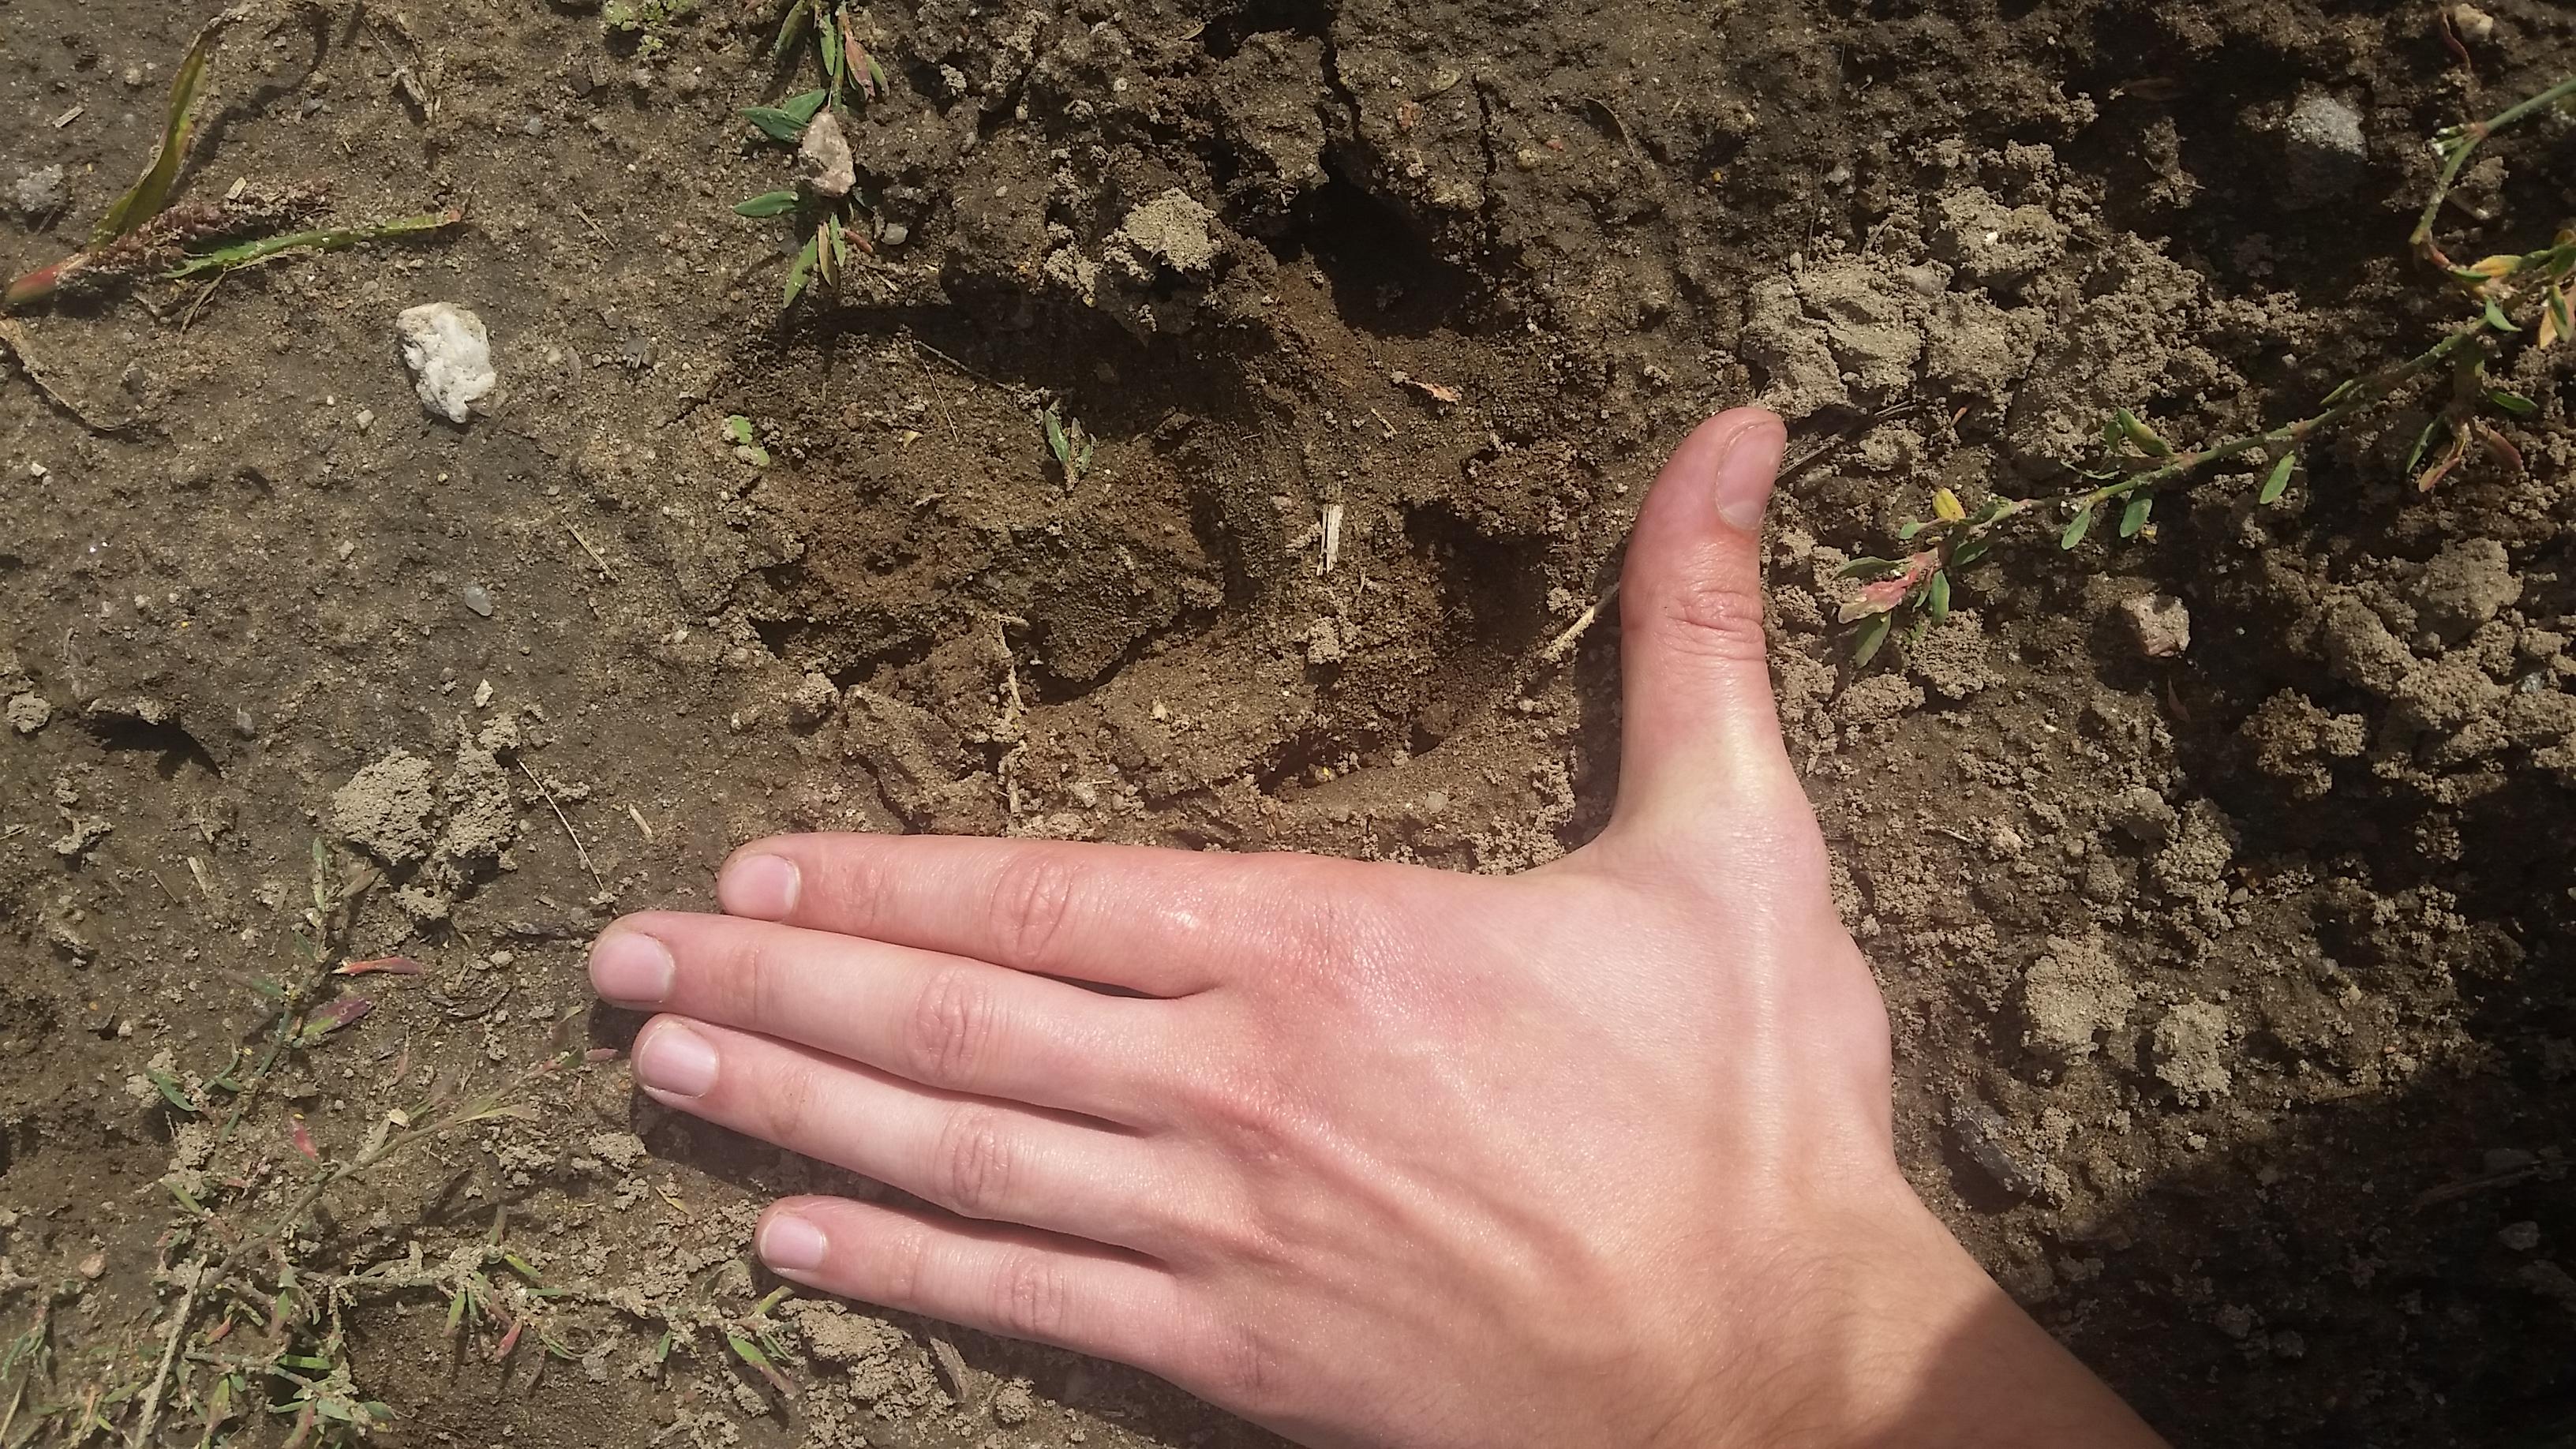 Hinter dem sind wir jetzt her. An der Maiskante fährteten wir diesen Keiler, wir schätzen er hat über 120kg jaegermagazin jagd wilddiebe sauen schwarzwild wildacker reilmann